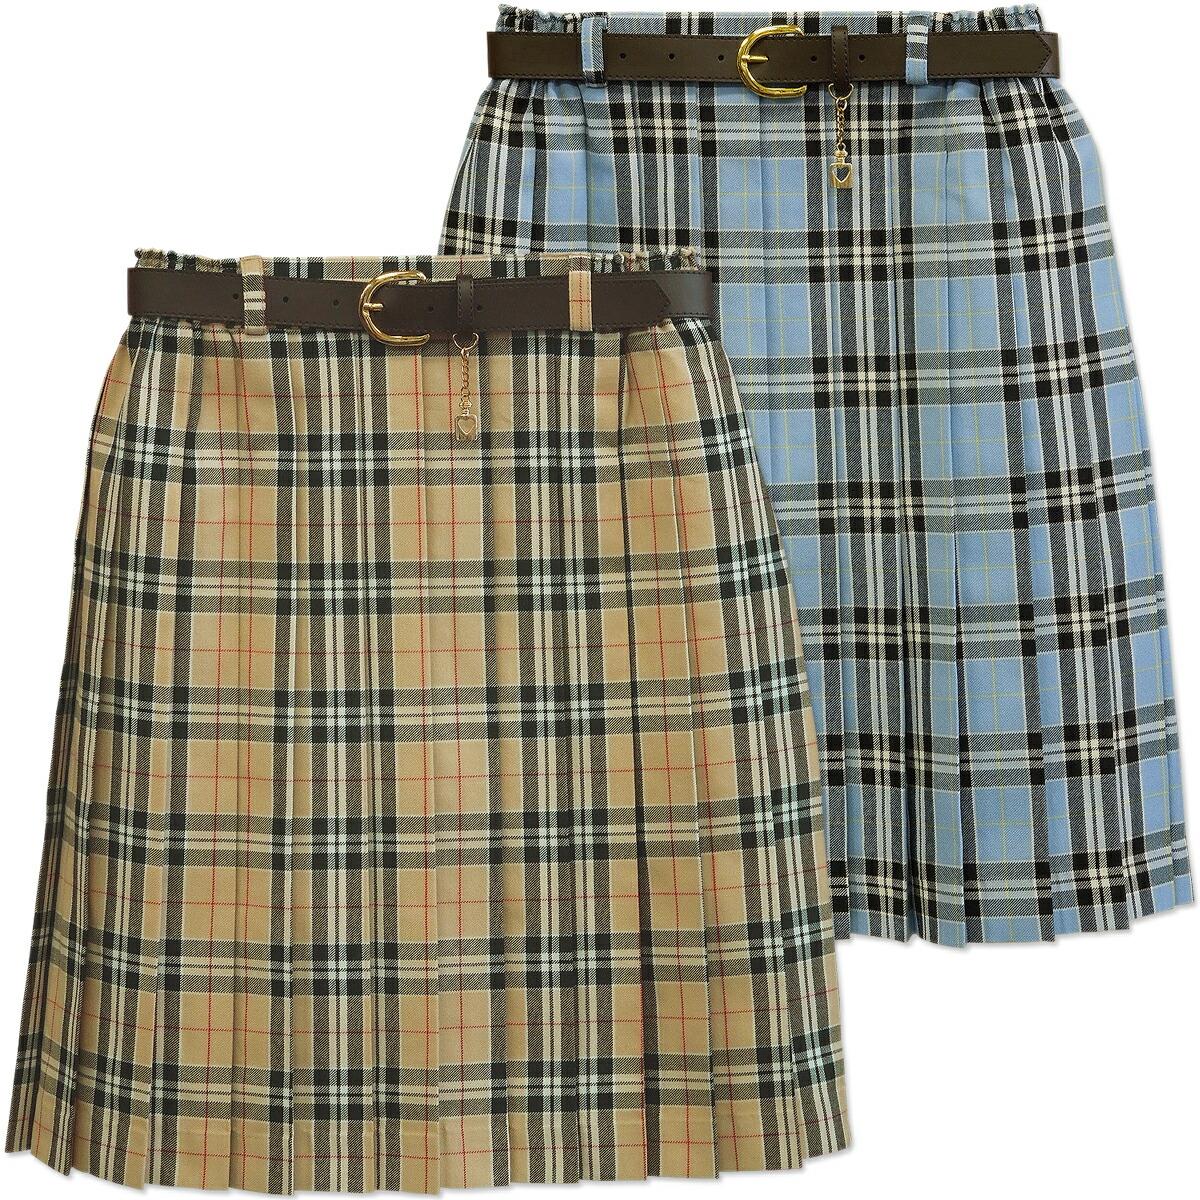 5b0007443 Skirt 2200 beige skirt blues cart 160 Bullitt check with child pleated  skirt lattice pleated skirt ...